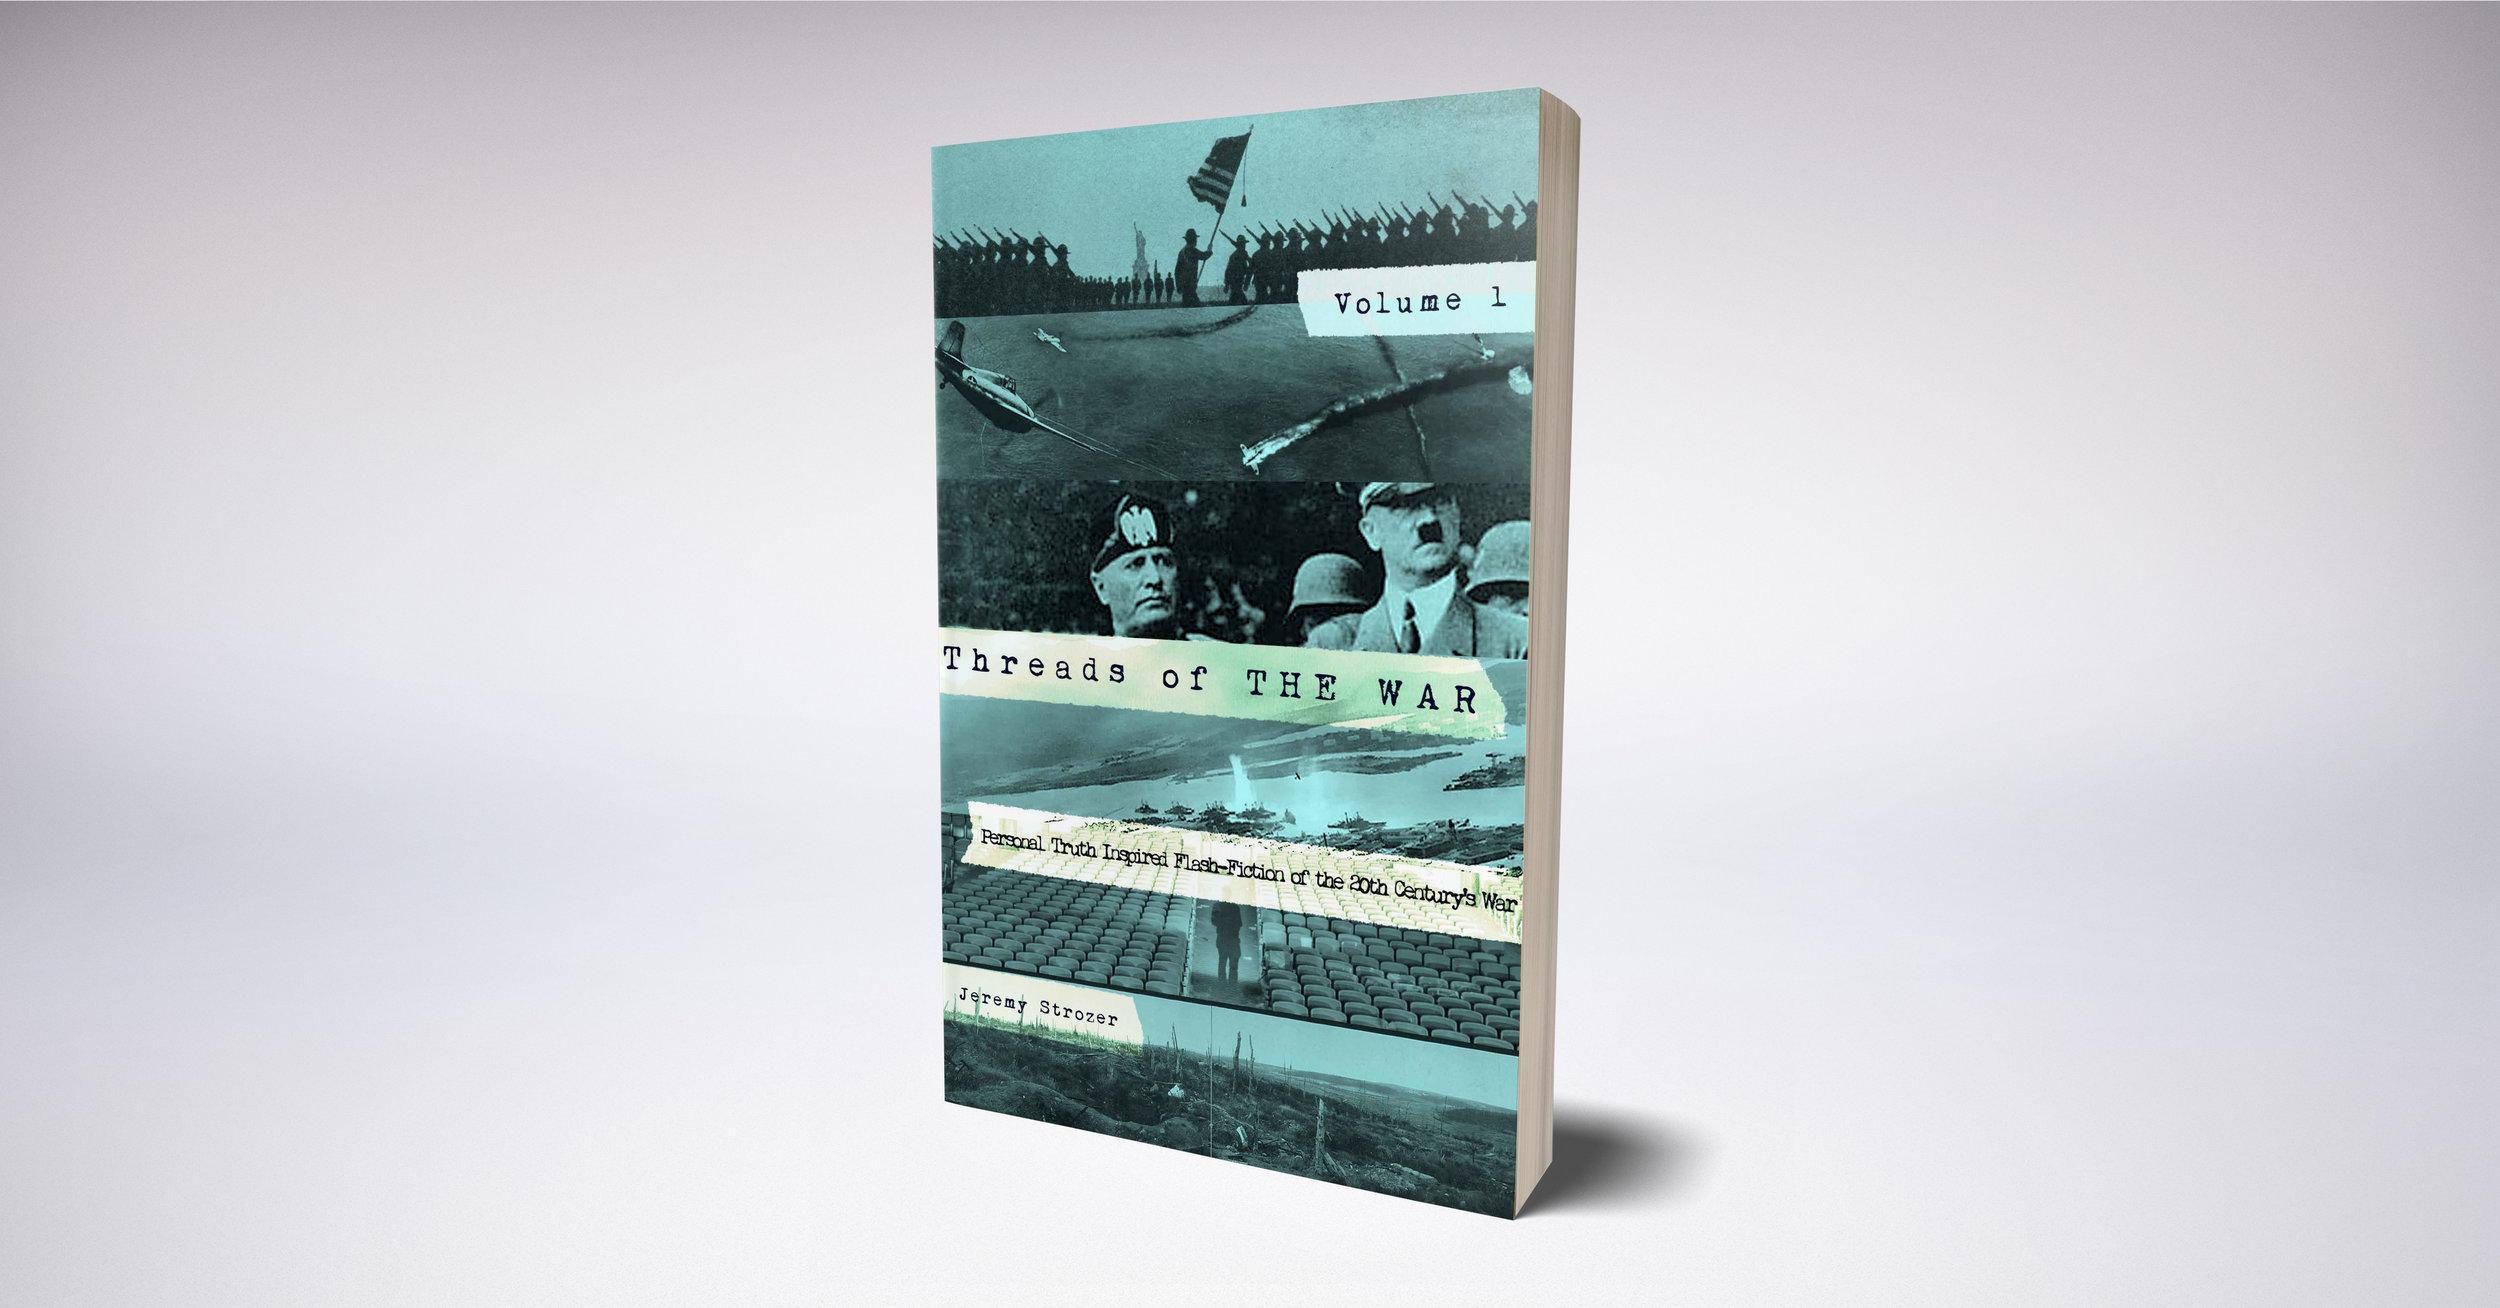 Threads of The War, Volume 1